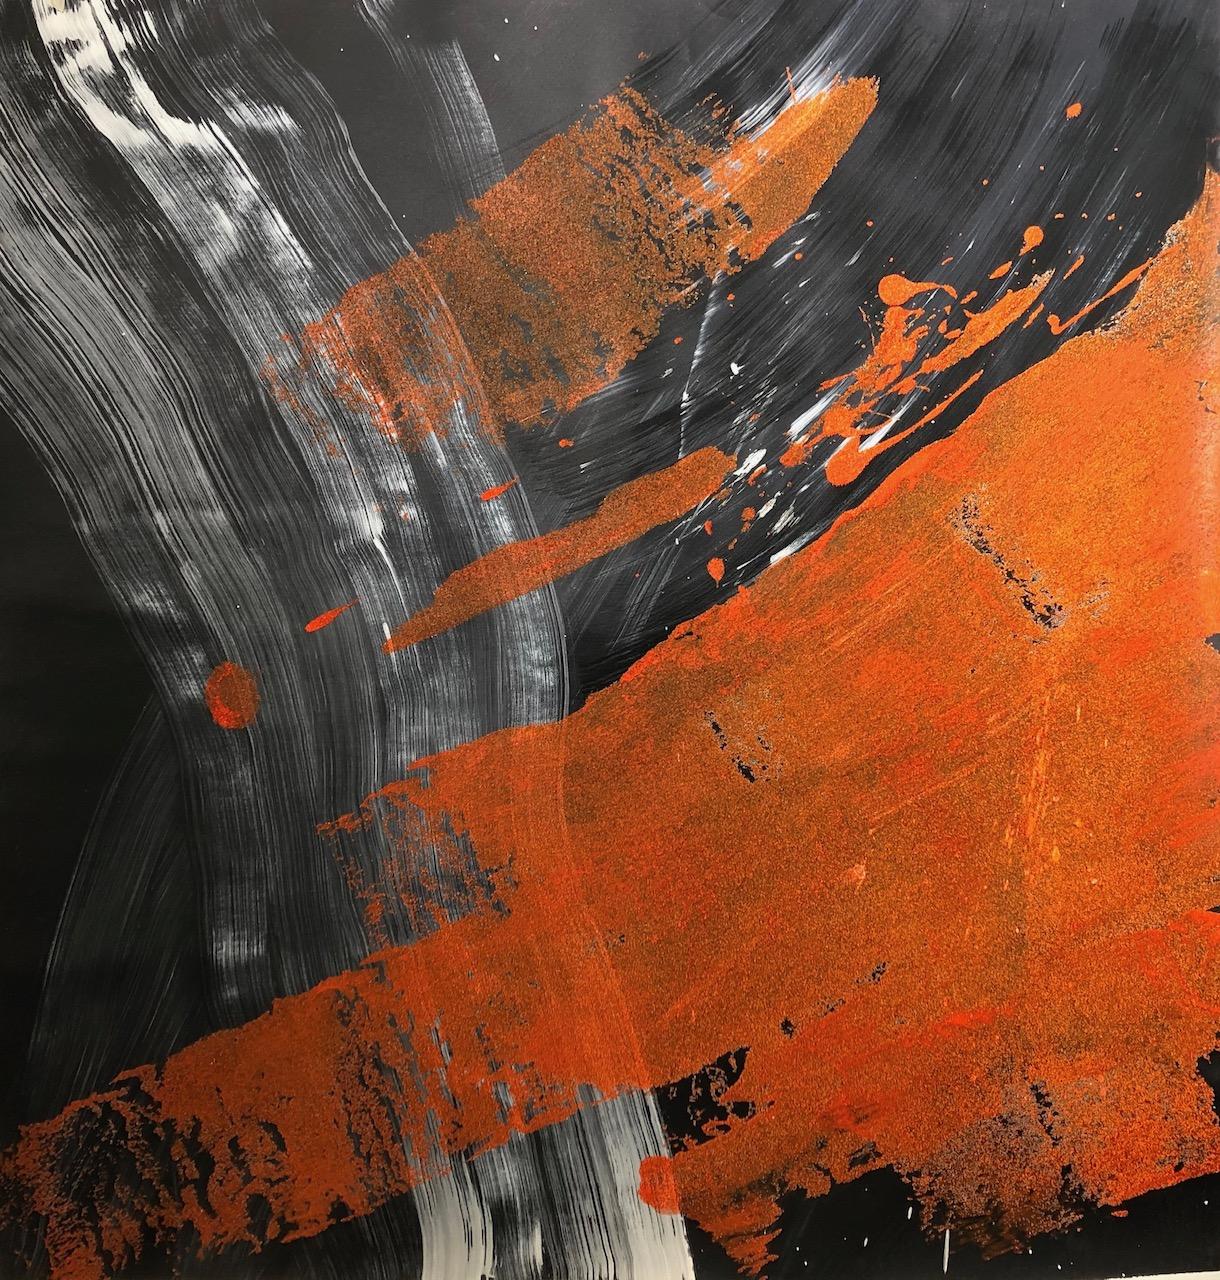 Abstrakt orange